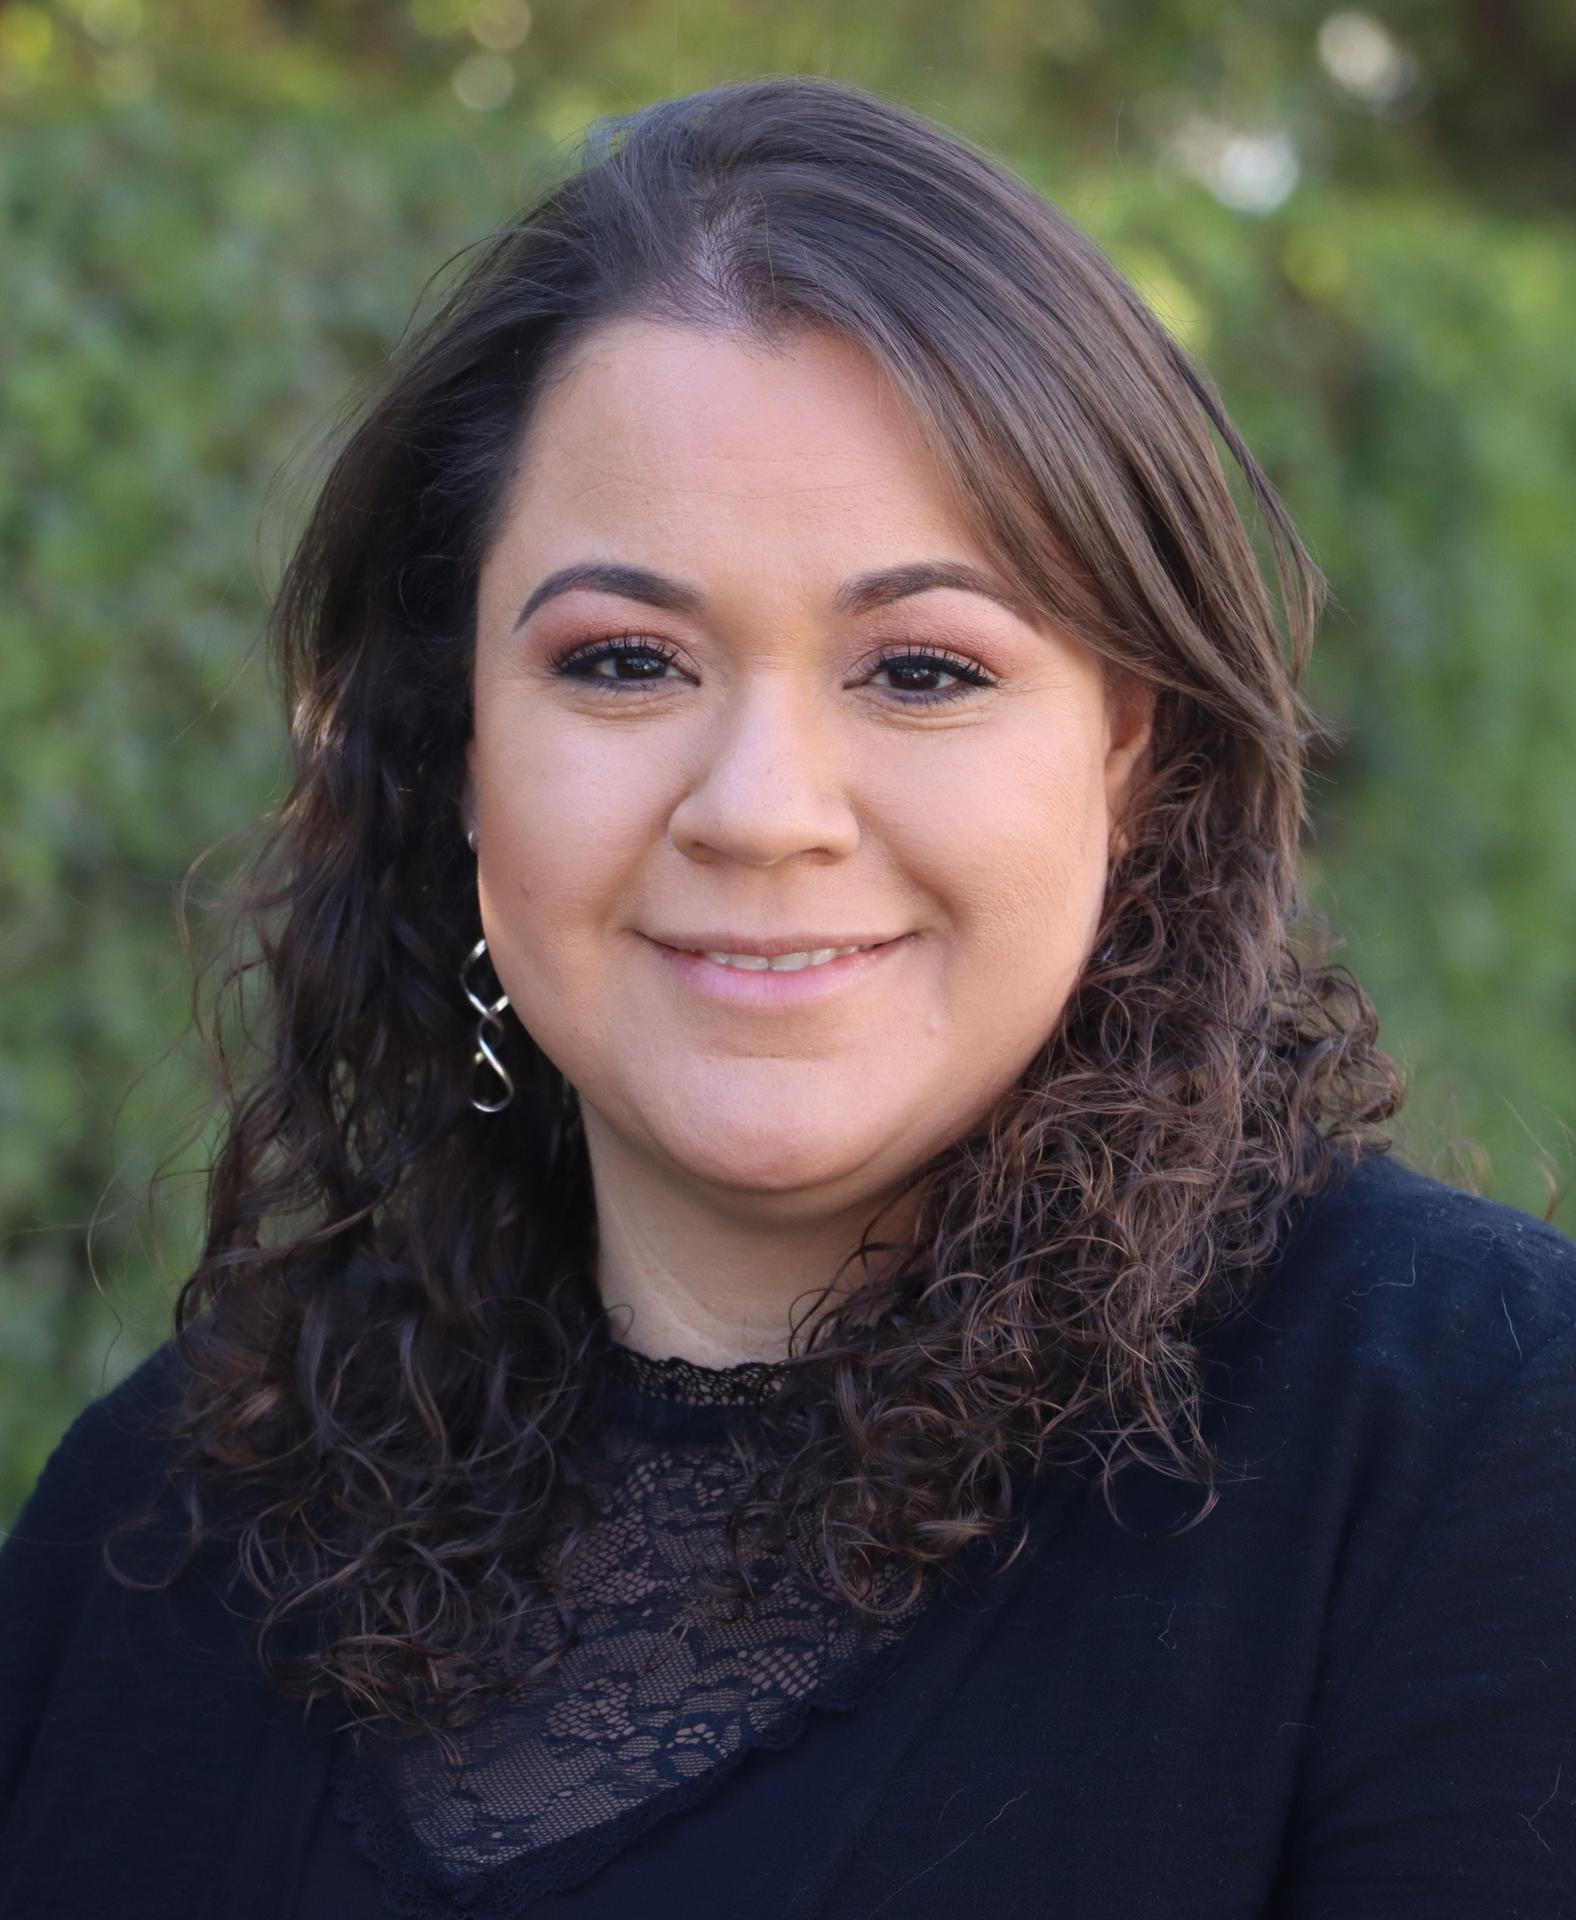 Claudia Reyes de Cooley